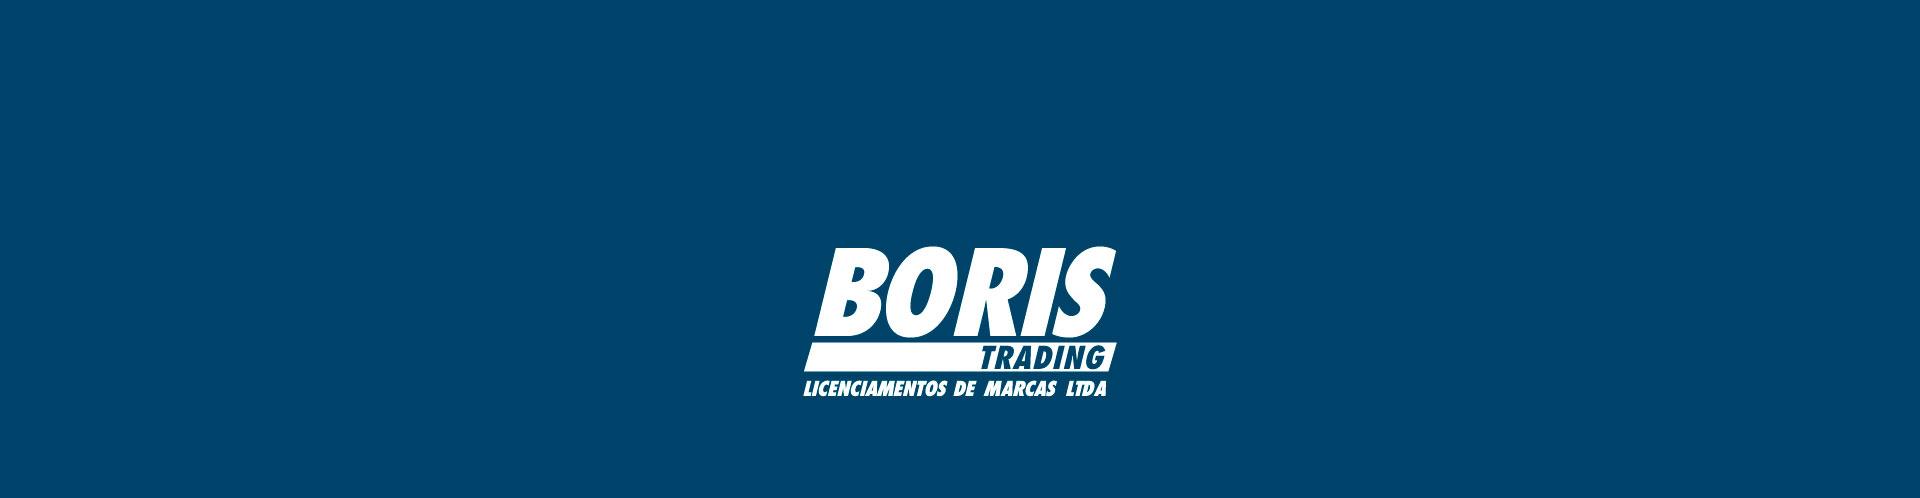 3533cf471da27 boris-trading - Óticas Boris